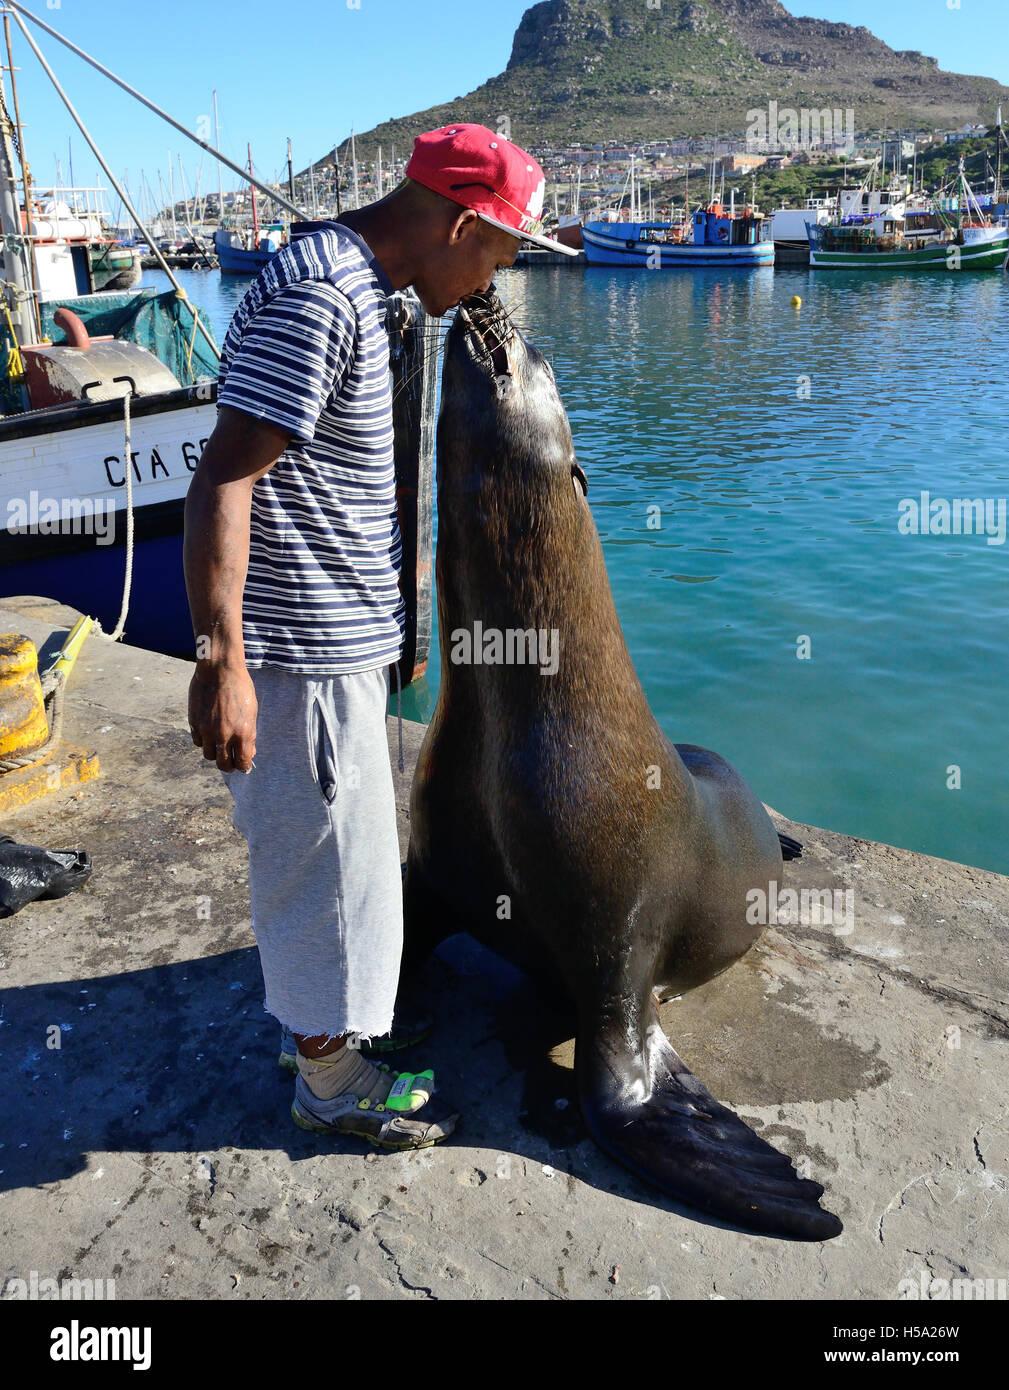 L'homme connu sous le nom de l'homme 'Sceau' de Hout Bay joint d'alimentation avec des poissons Photo Stock